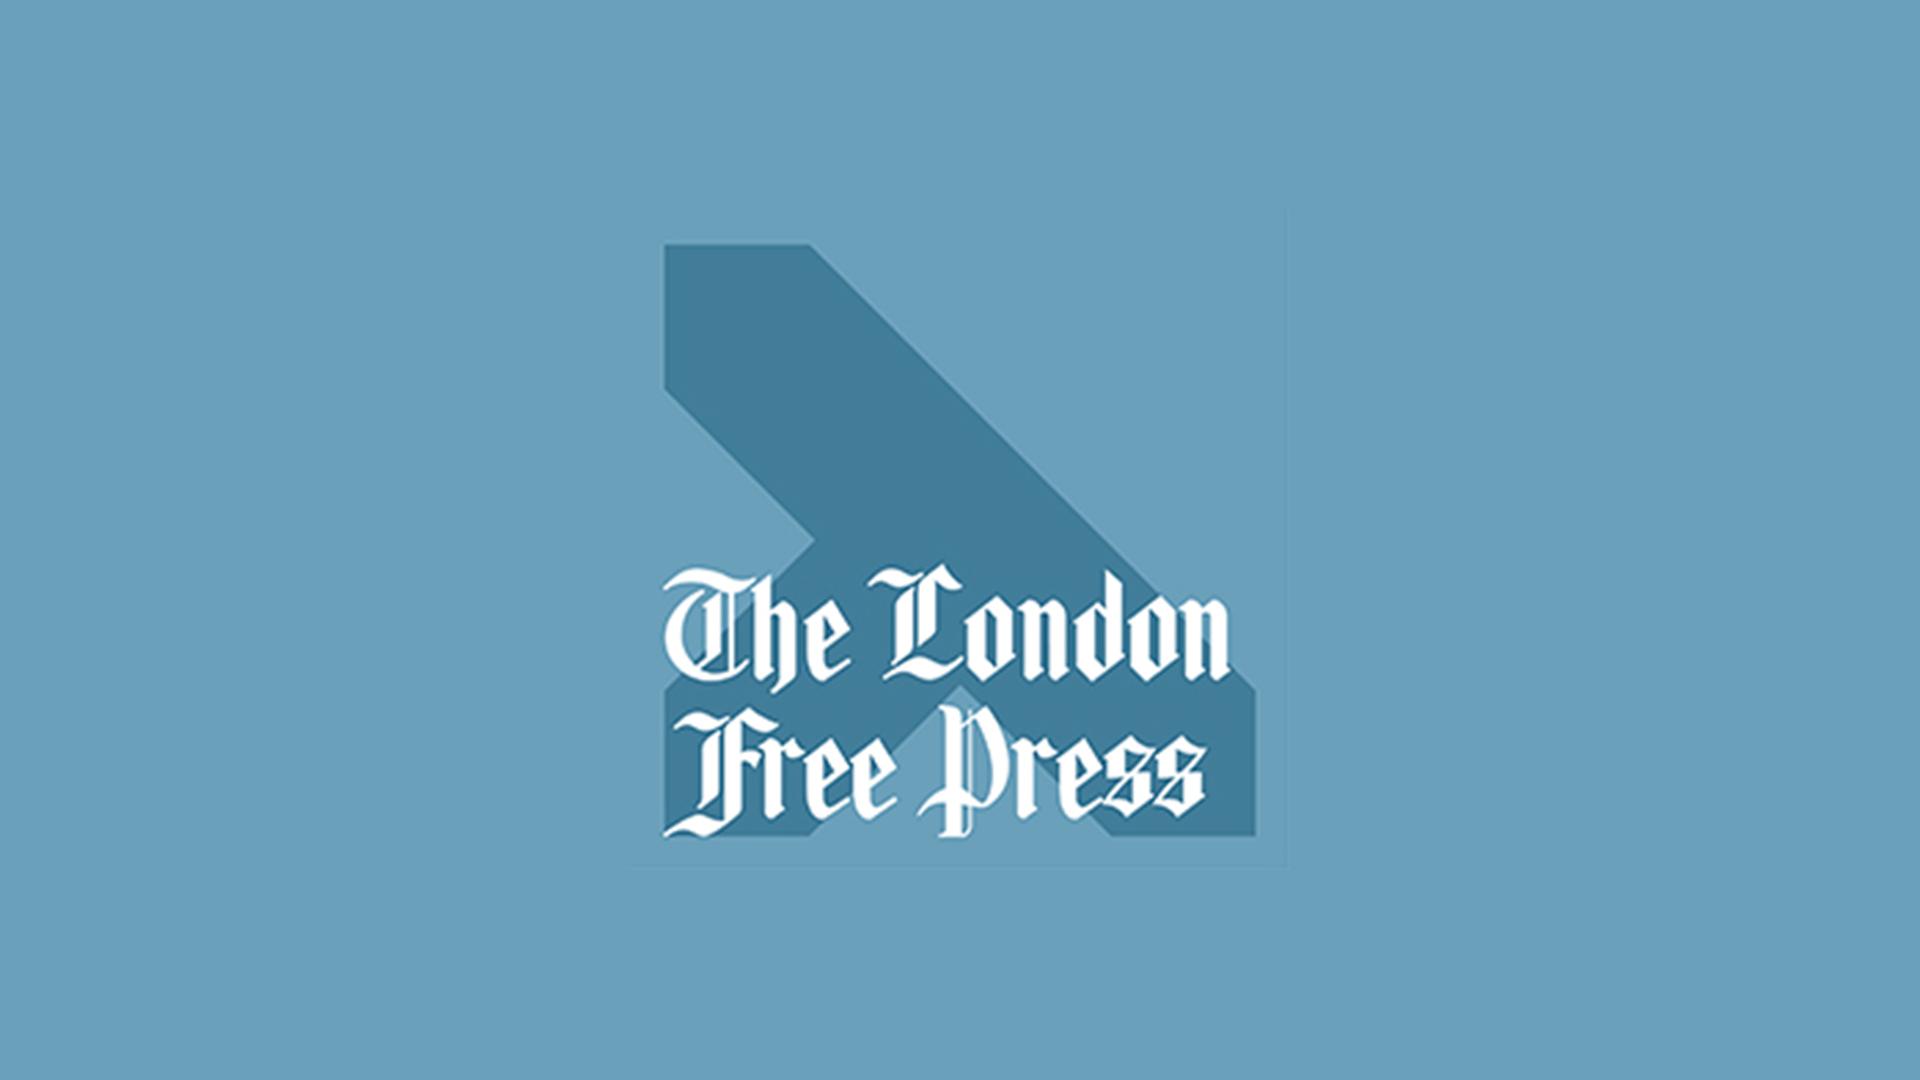 london free press logo